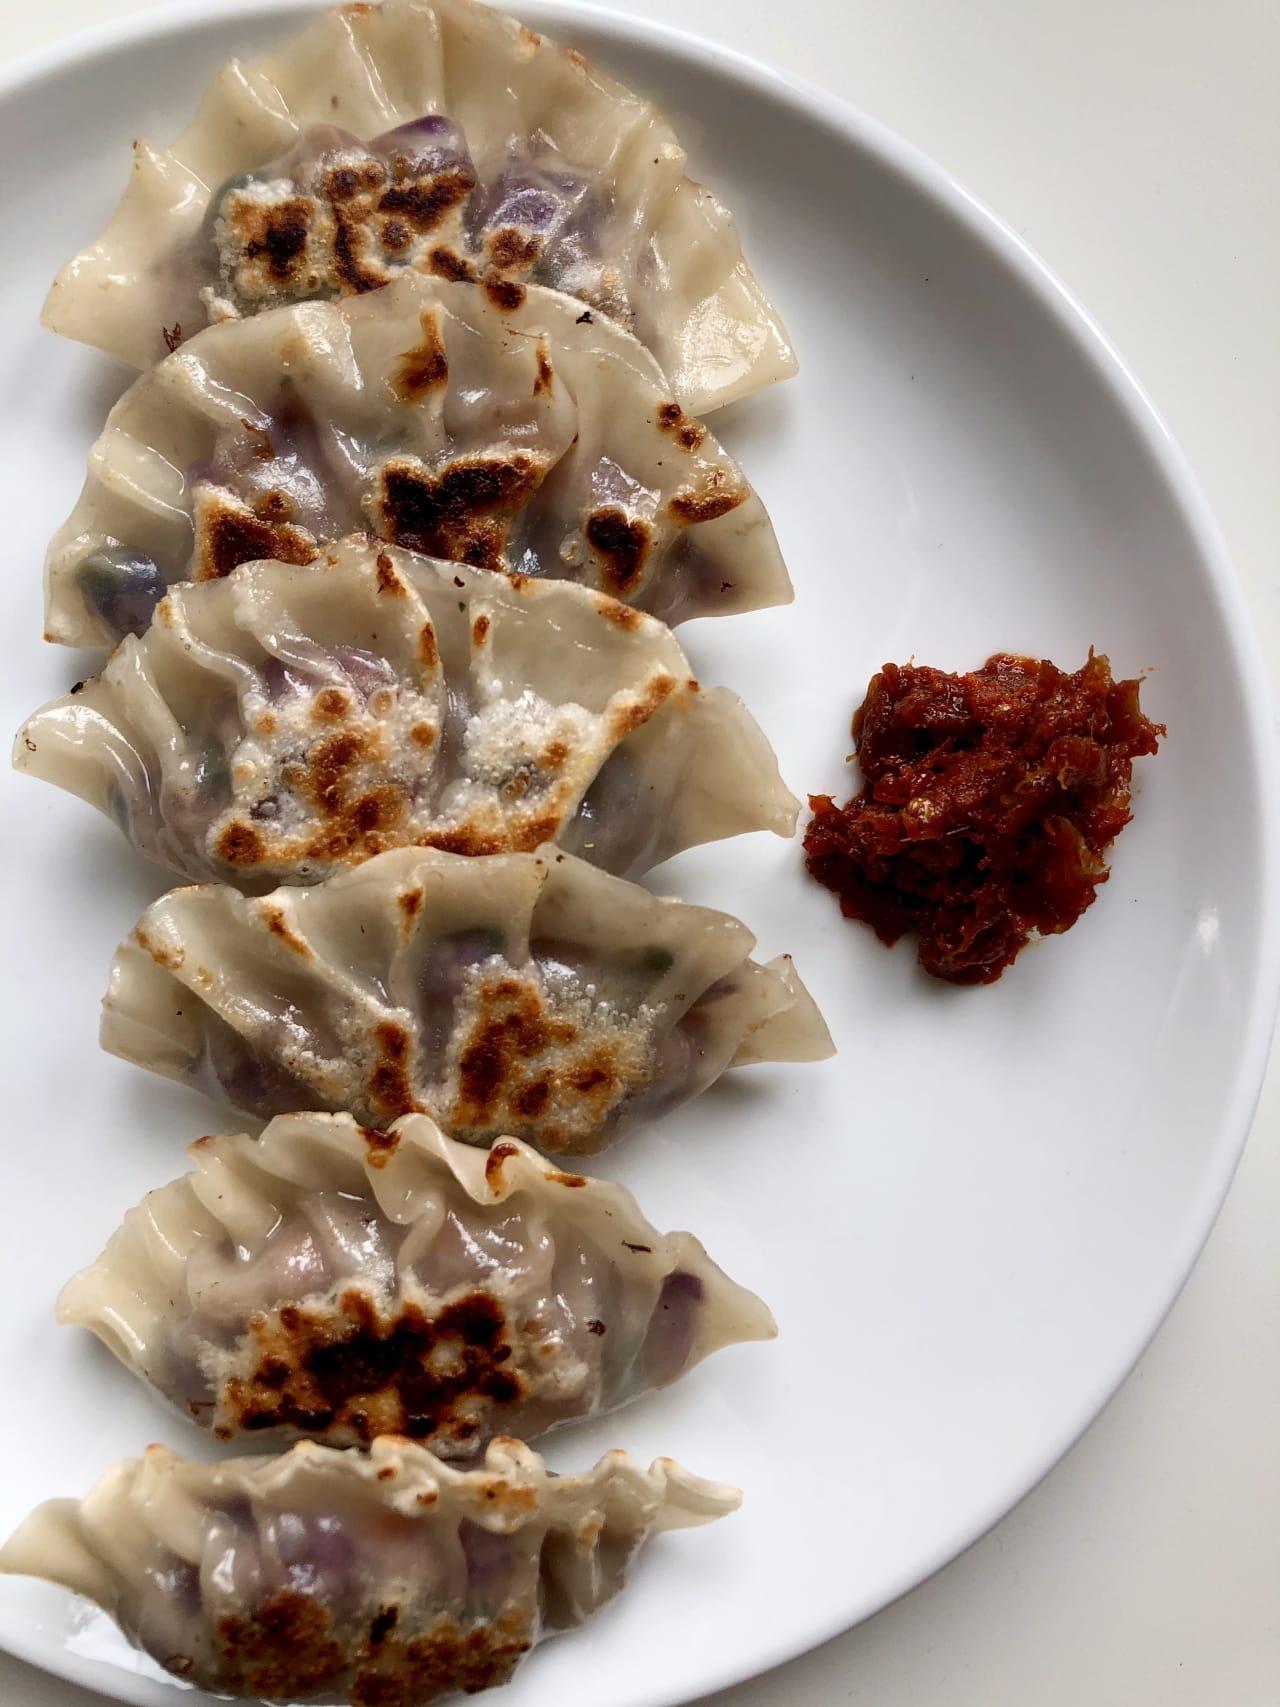 Red Cabbage and Mushroom Cumin Dumplings